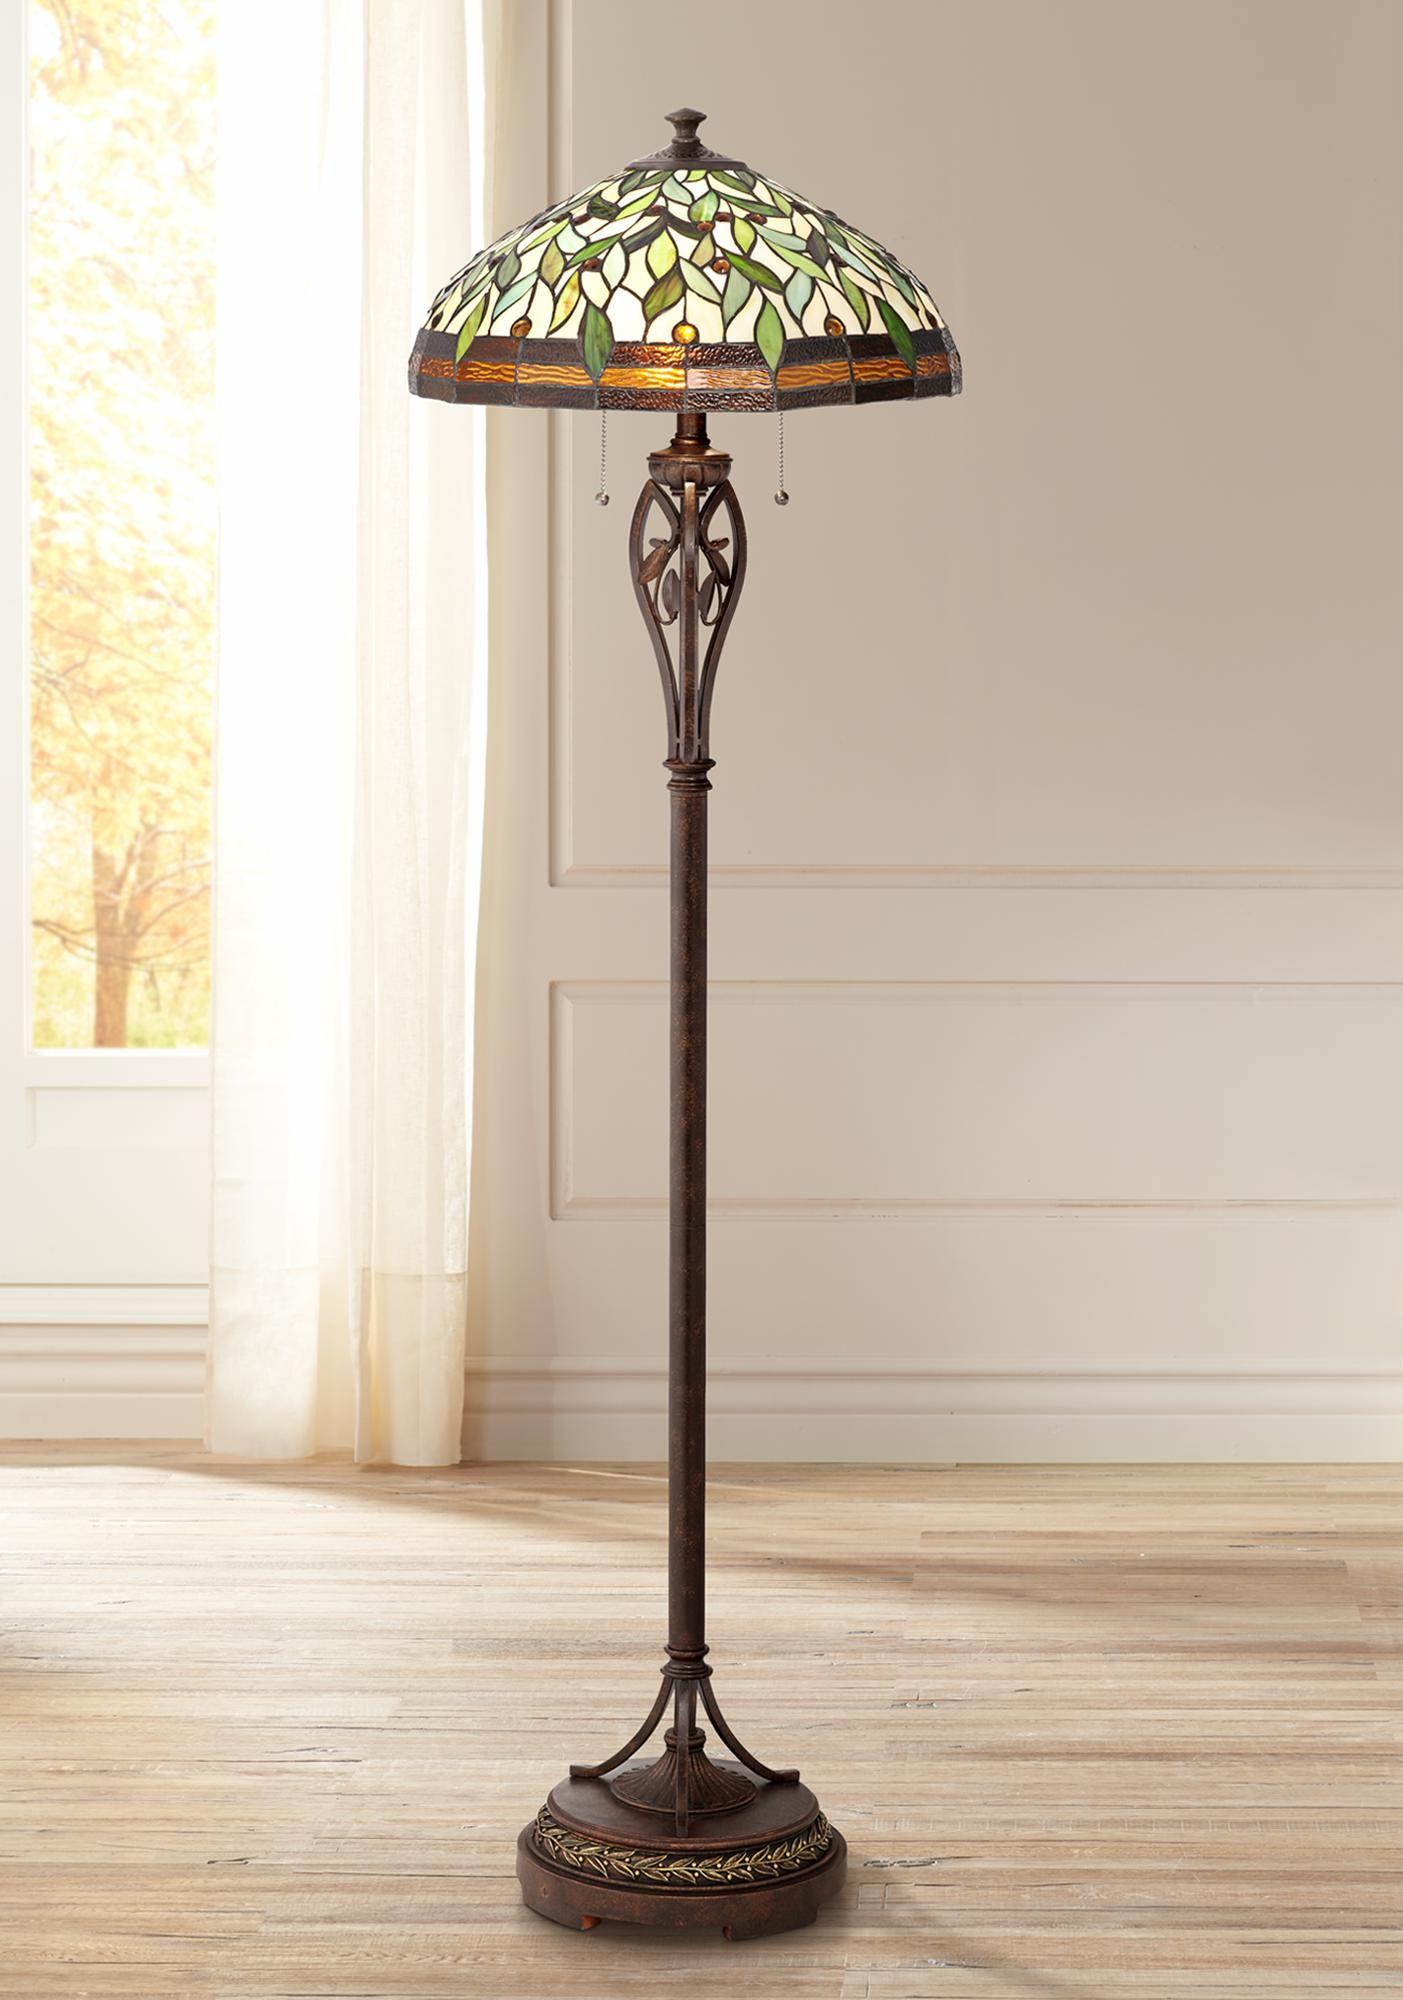 Leaf And Vine Ii Tiffany Style Floor Lamp Tiffany Style Floor